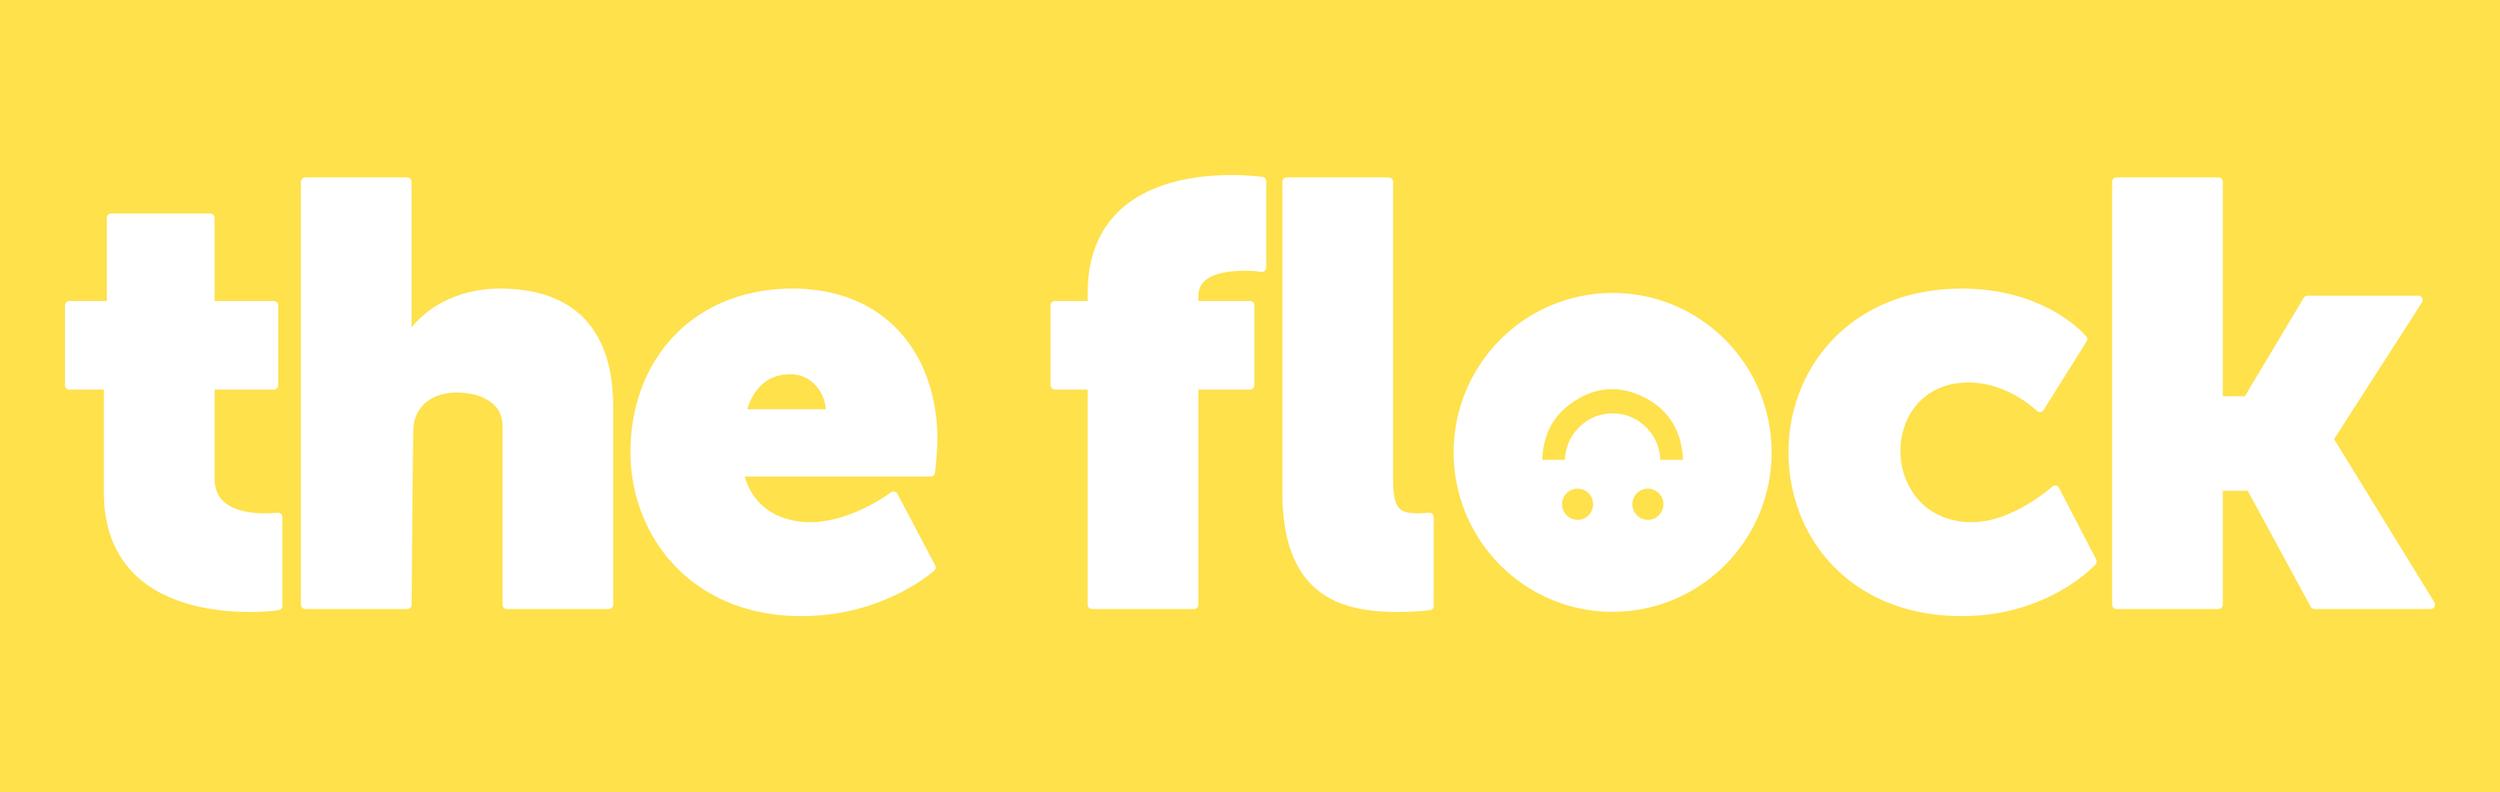 Flock-Header-Bigger.jpg